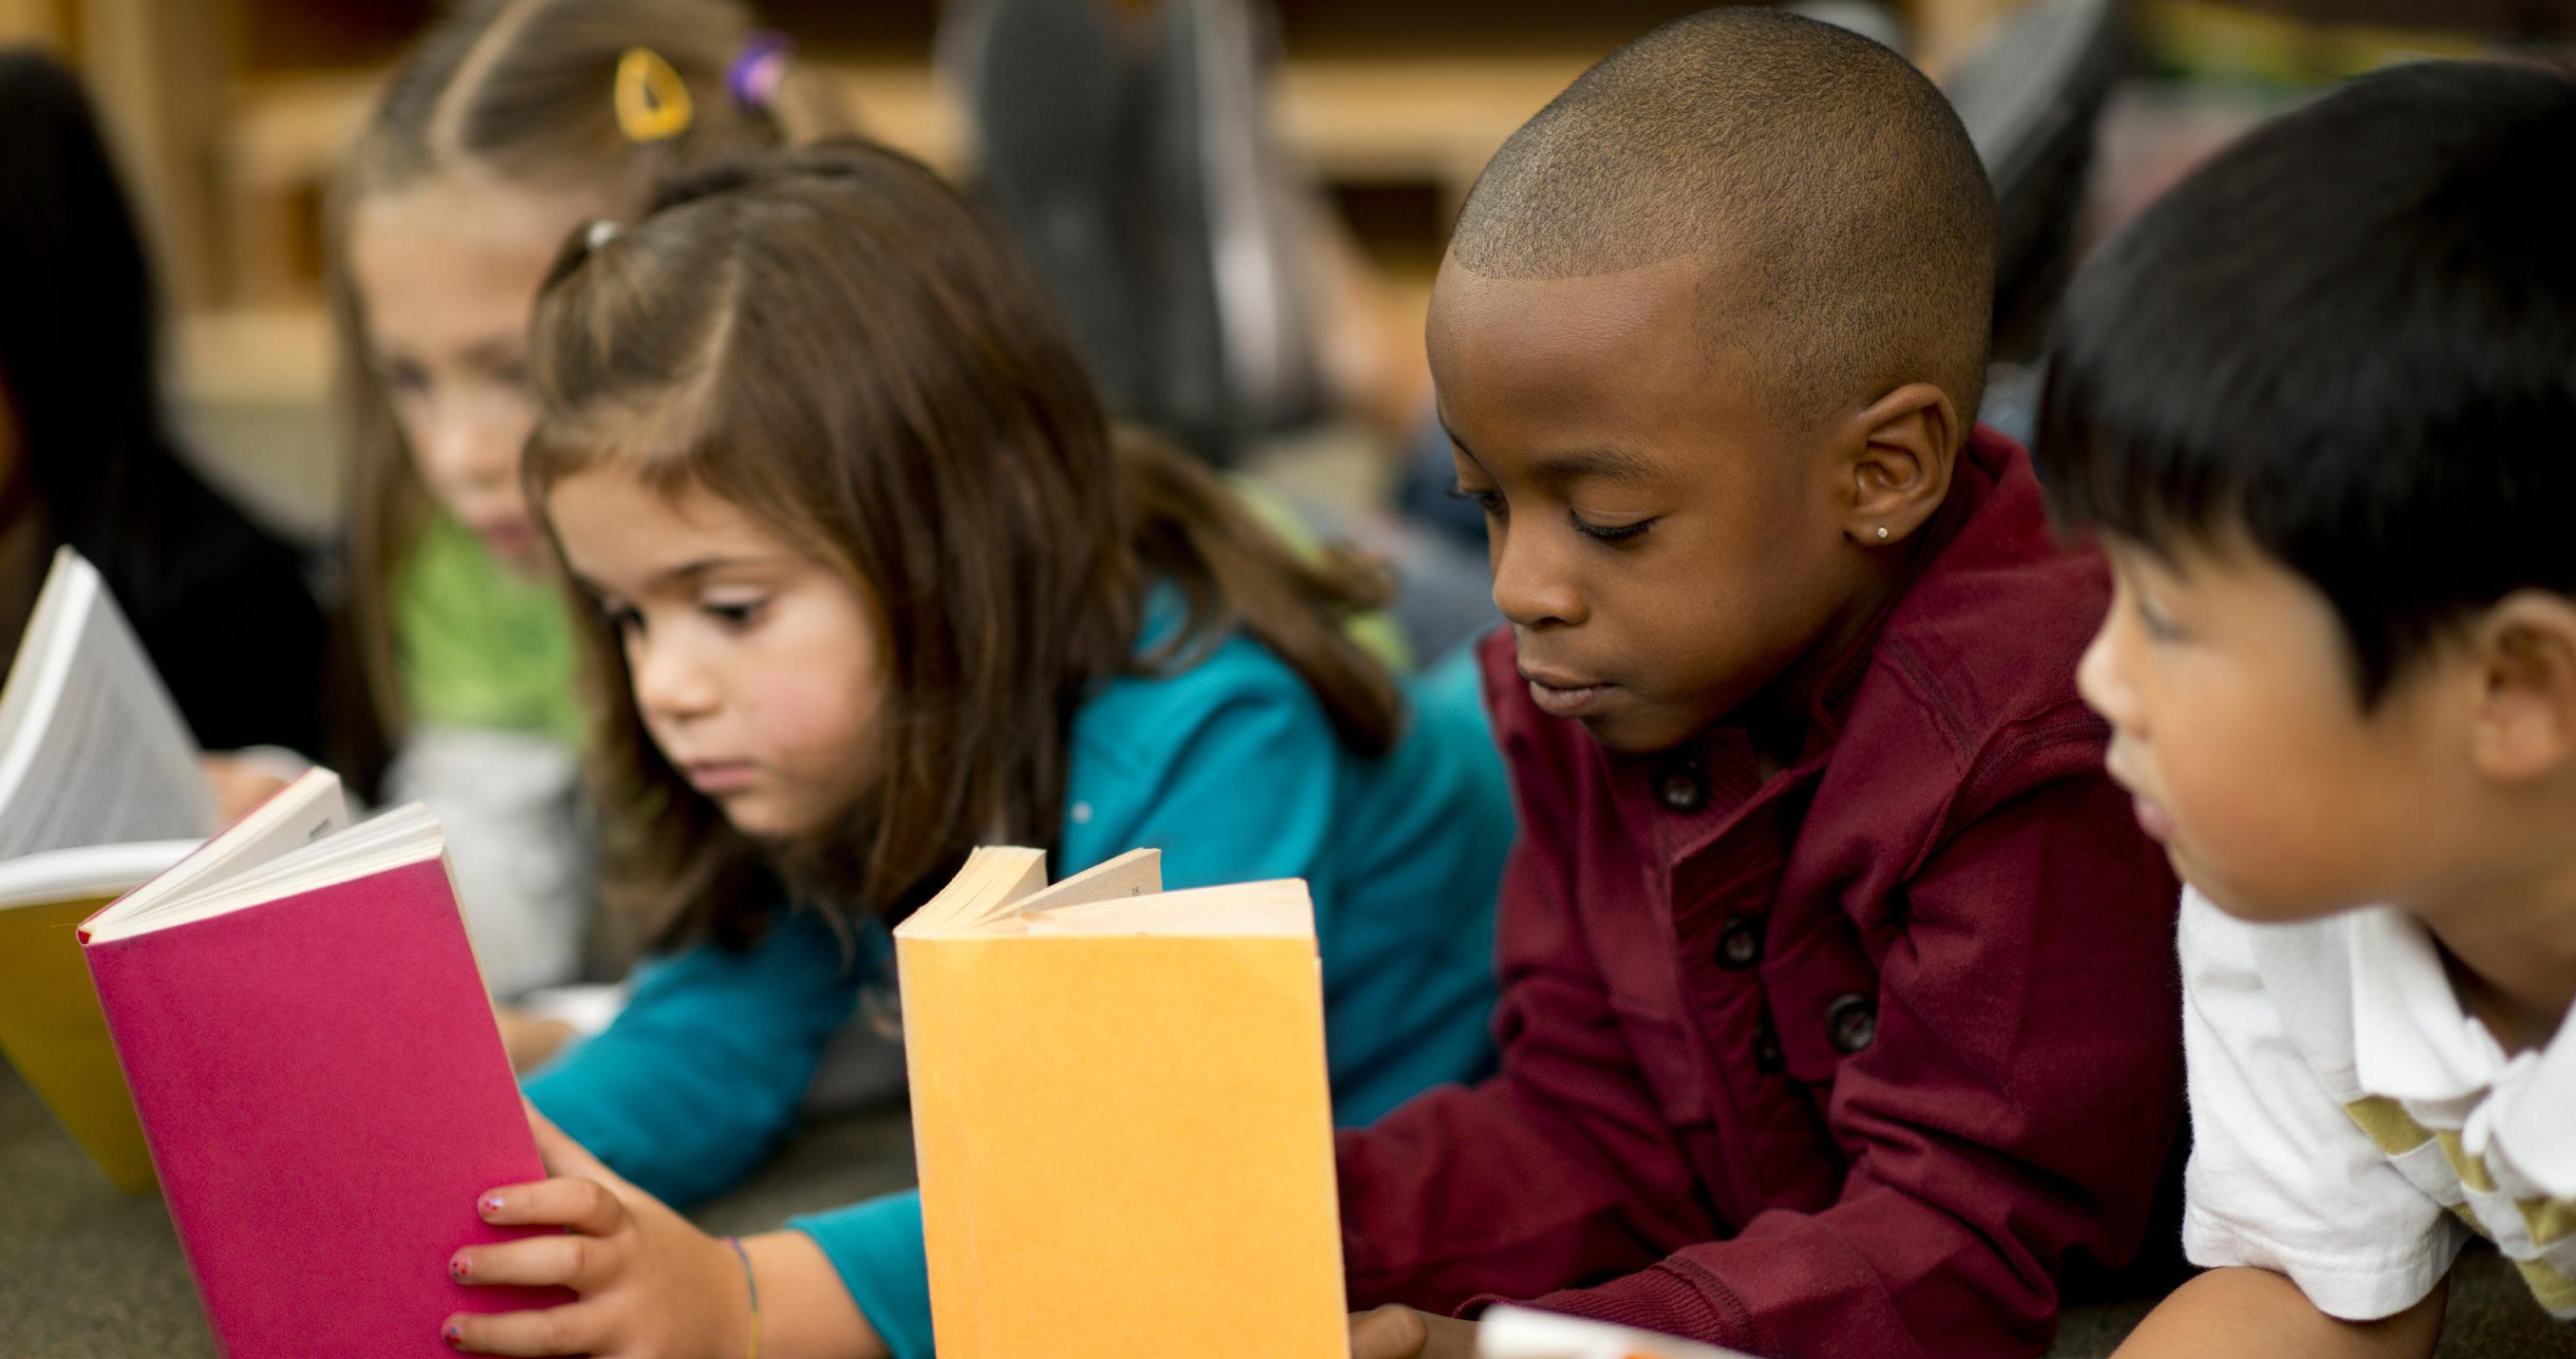 Des difficultés avec la lecture chez les enfants et la malaudition